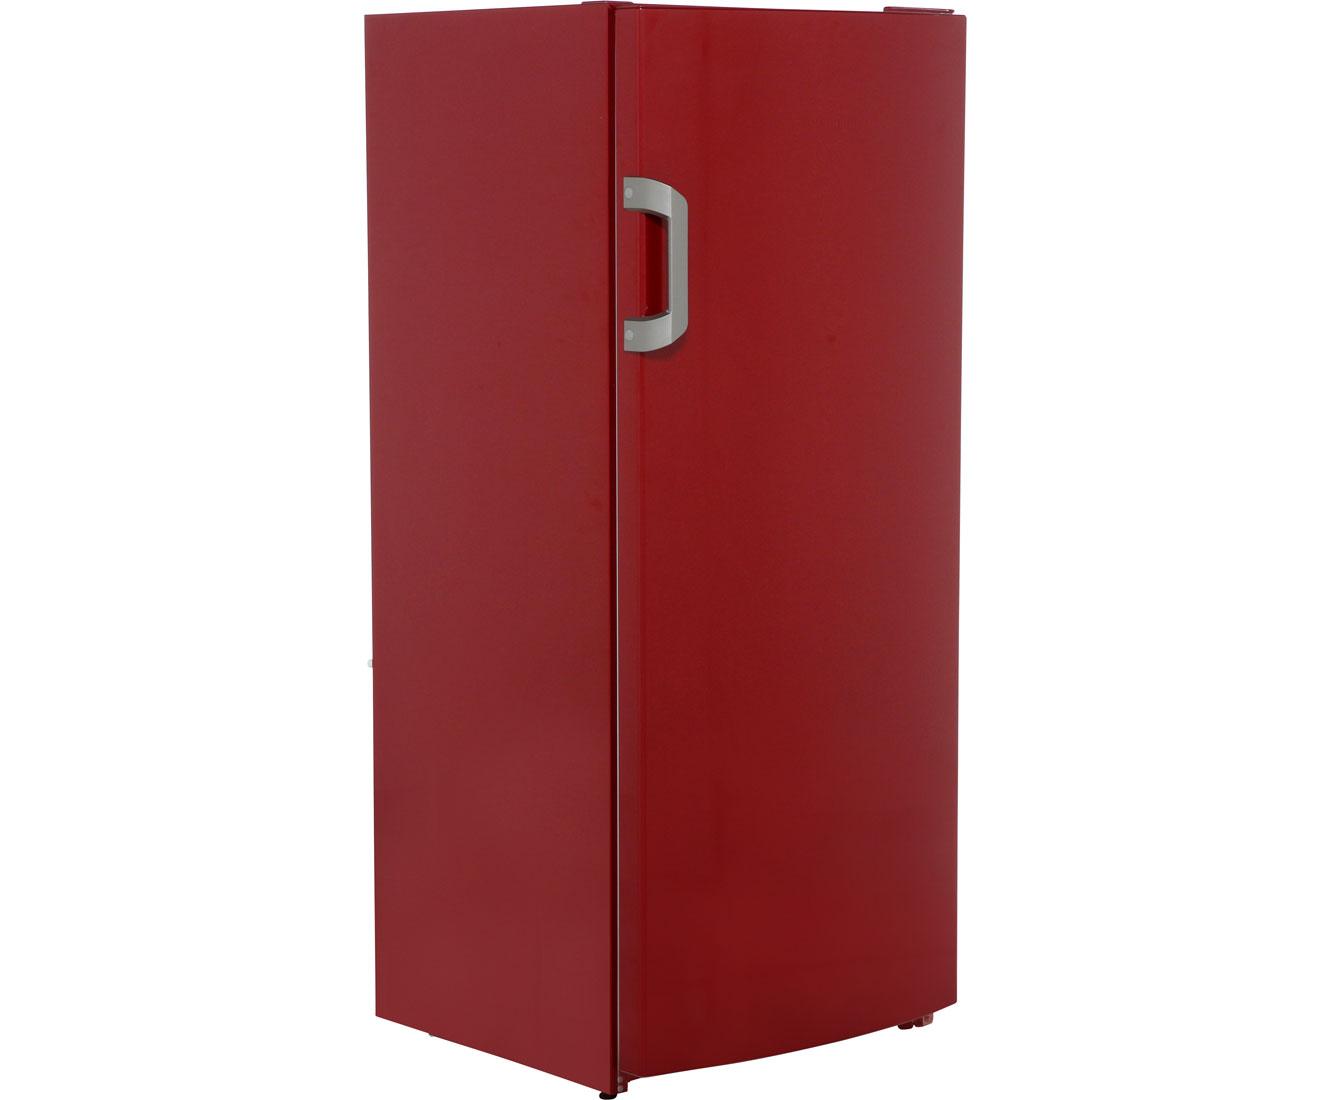 Retro Kühlschrank Ohne Gefrierfach : Kühlschrank ohne gefrierfach freistehend jan kolbe einbau